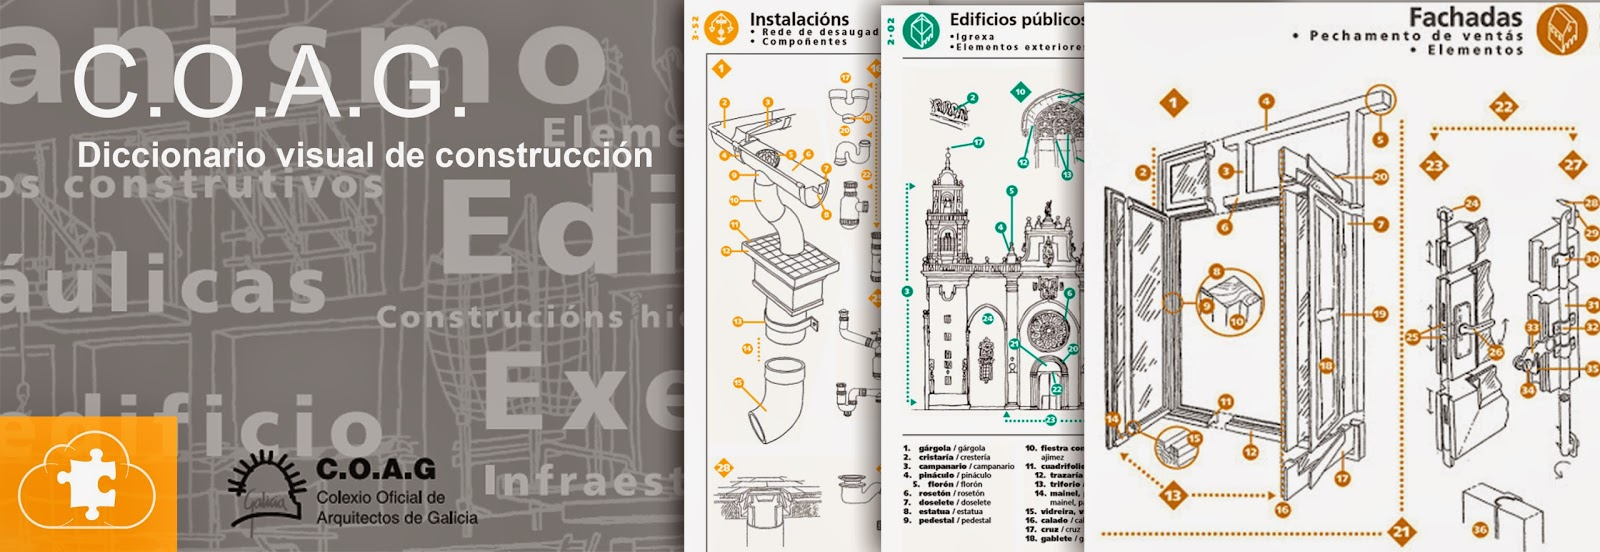 Diccionario visual de construcción | C.O.A.G. | 318 páginas | PDF